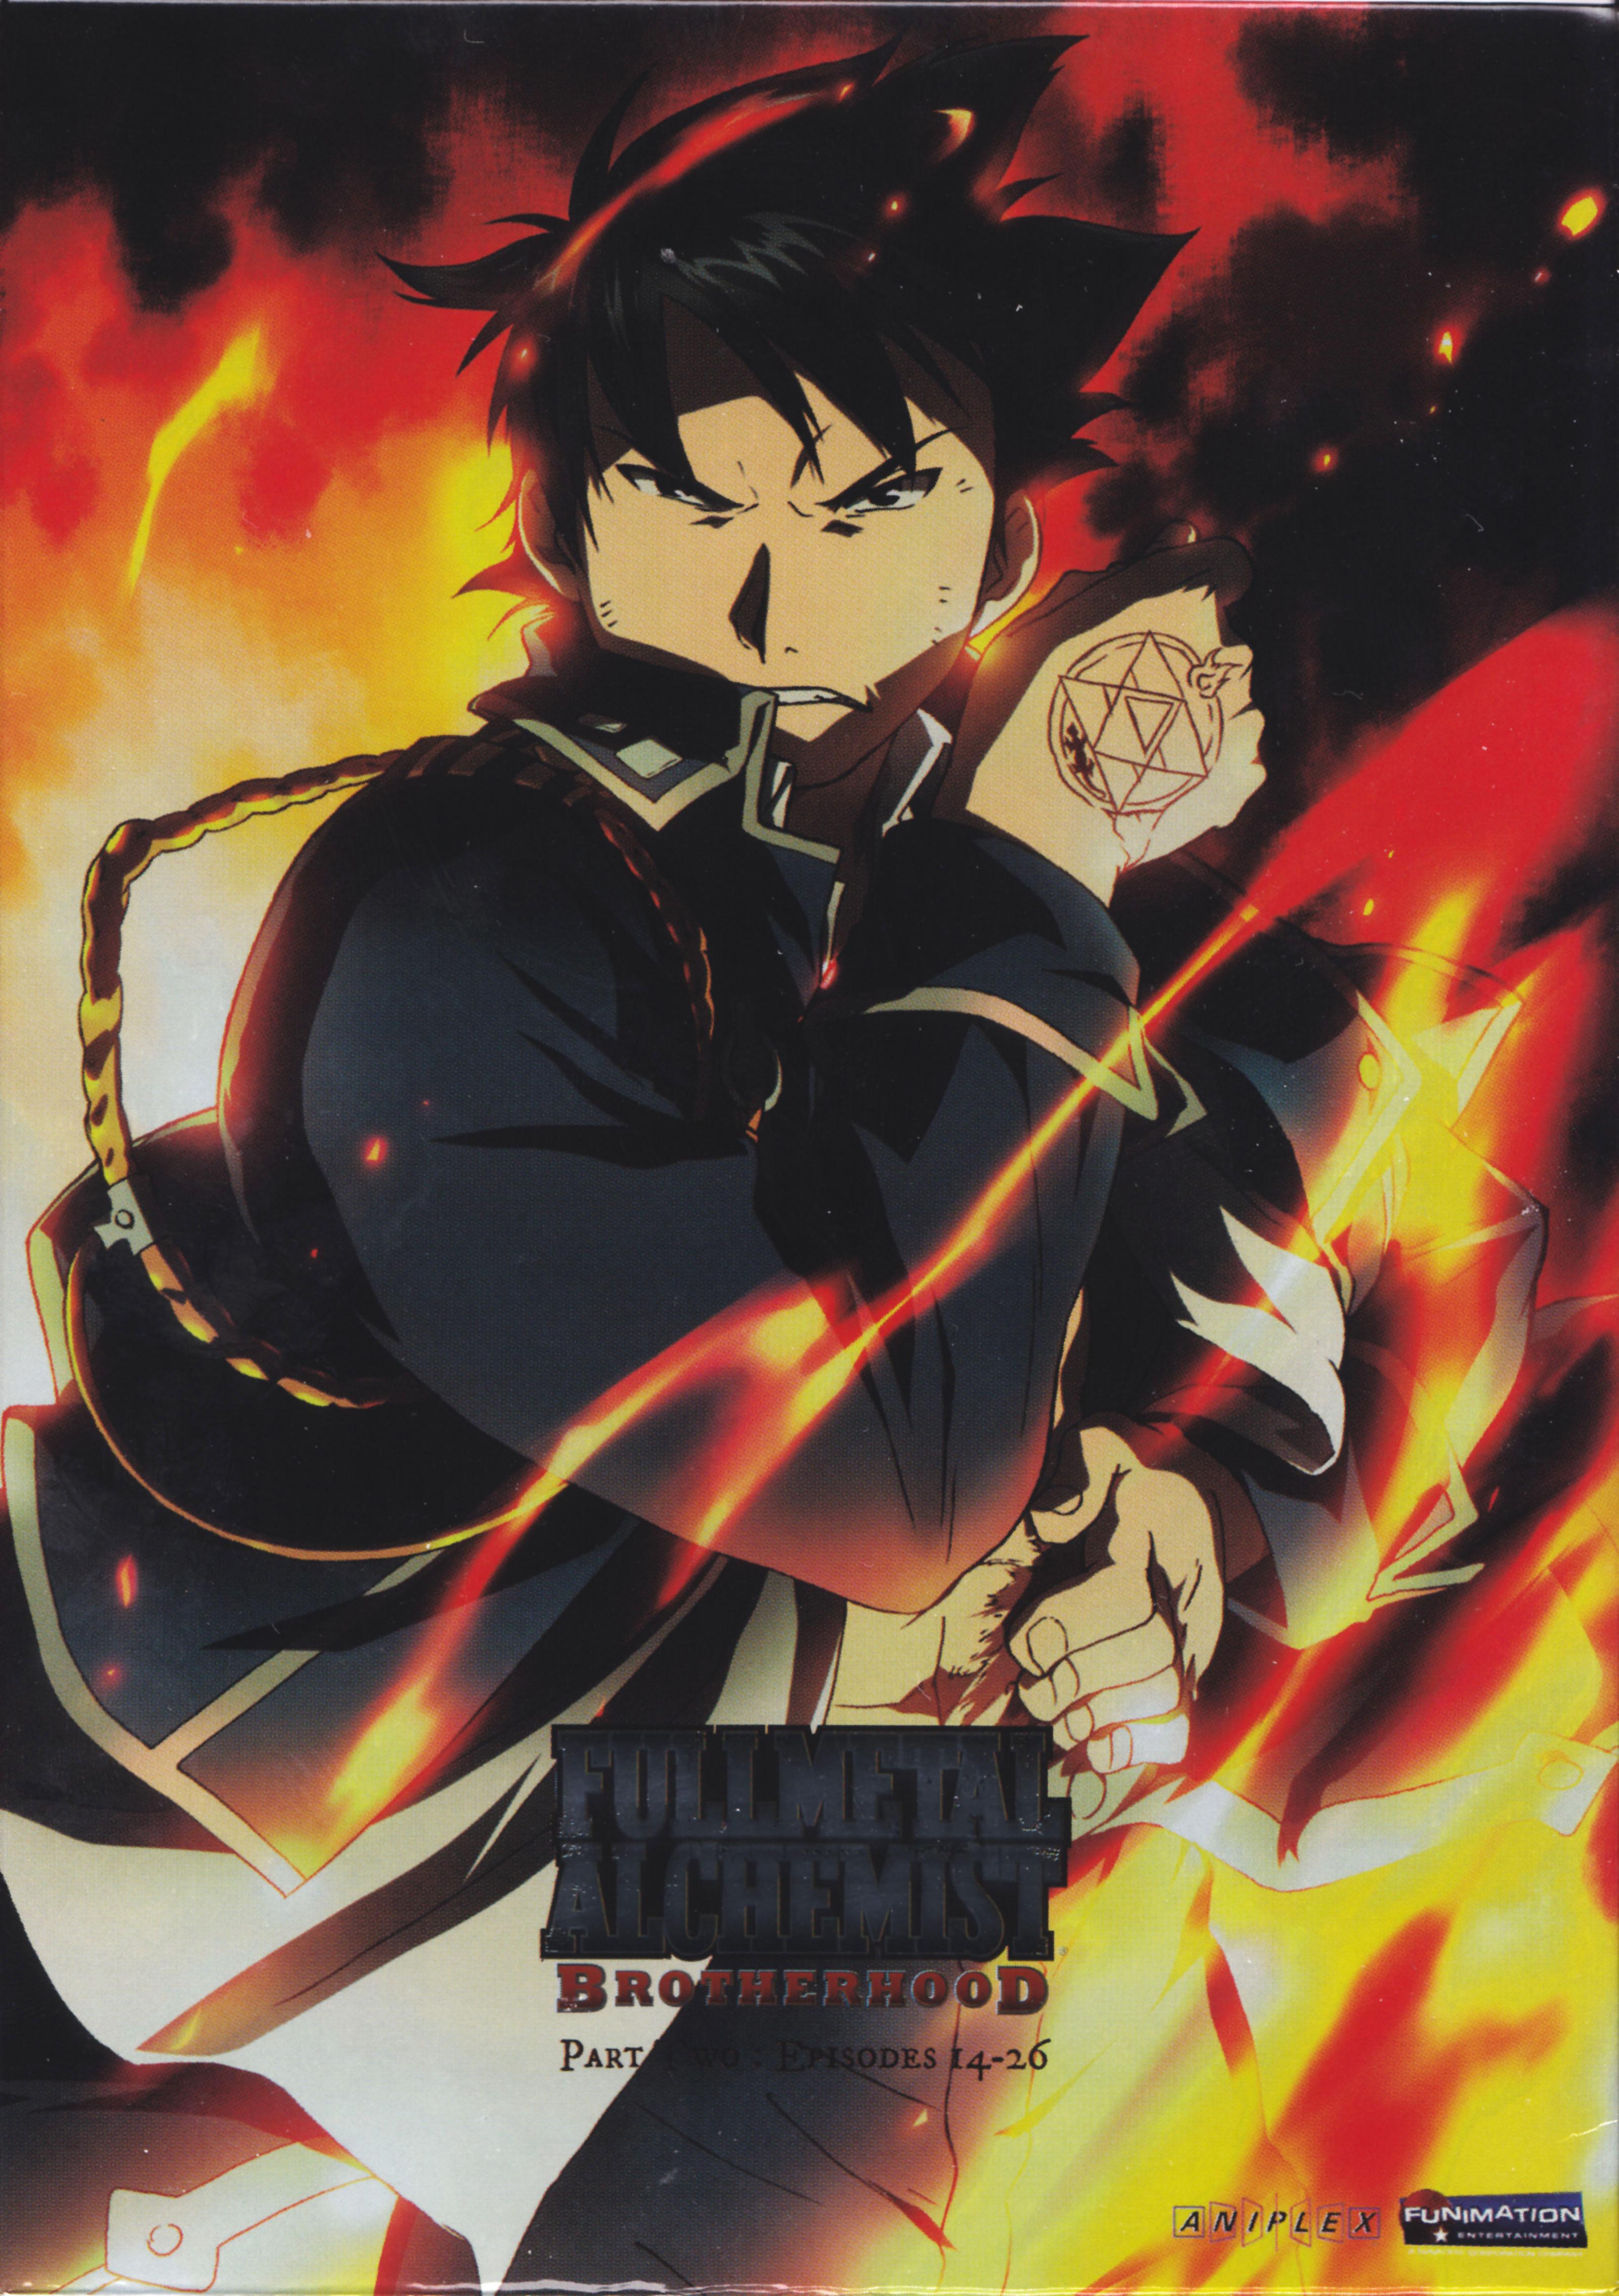 Roy Mustang Fullmetal Alchemist Mobile Wallpaper